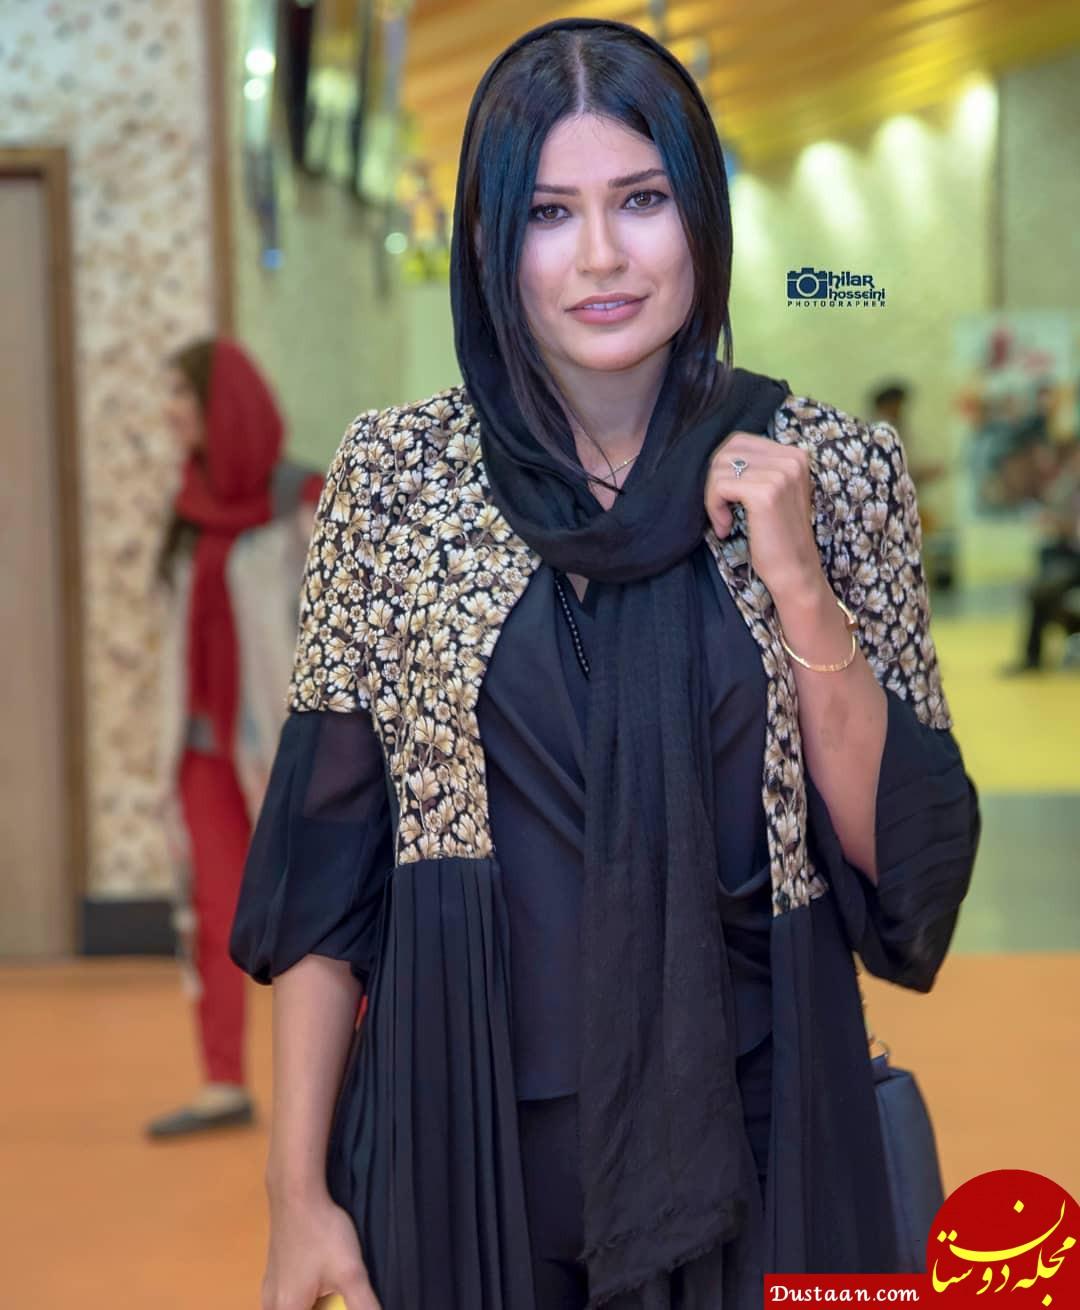 www.dustaan.com ازدواج لاکچری و عجیب شیوا طاهری ،بازیگر سریال گذر از رنج ها!